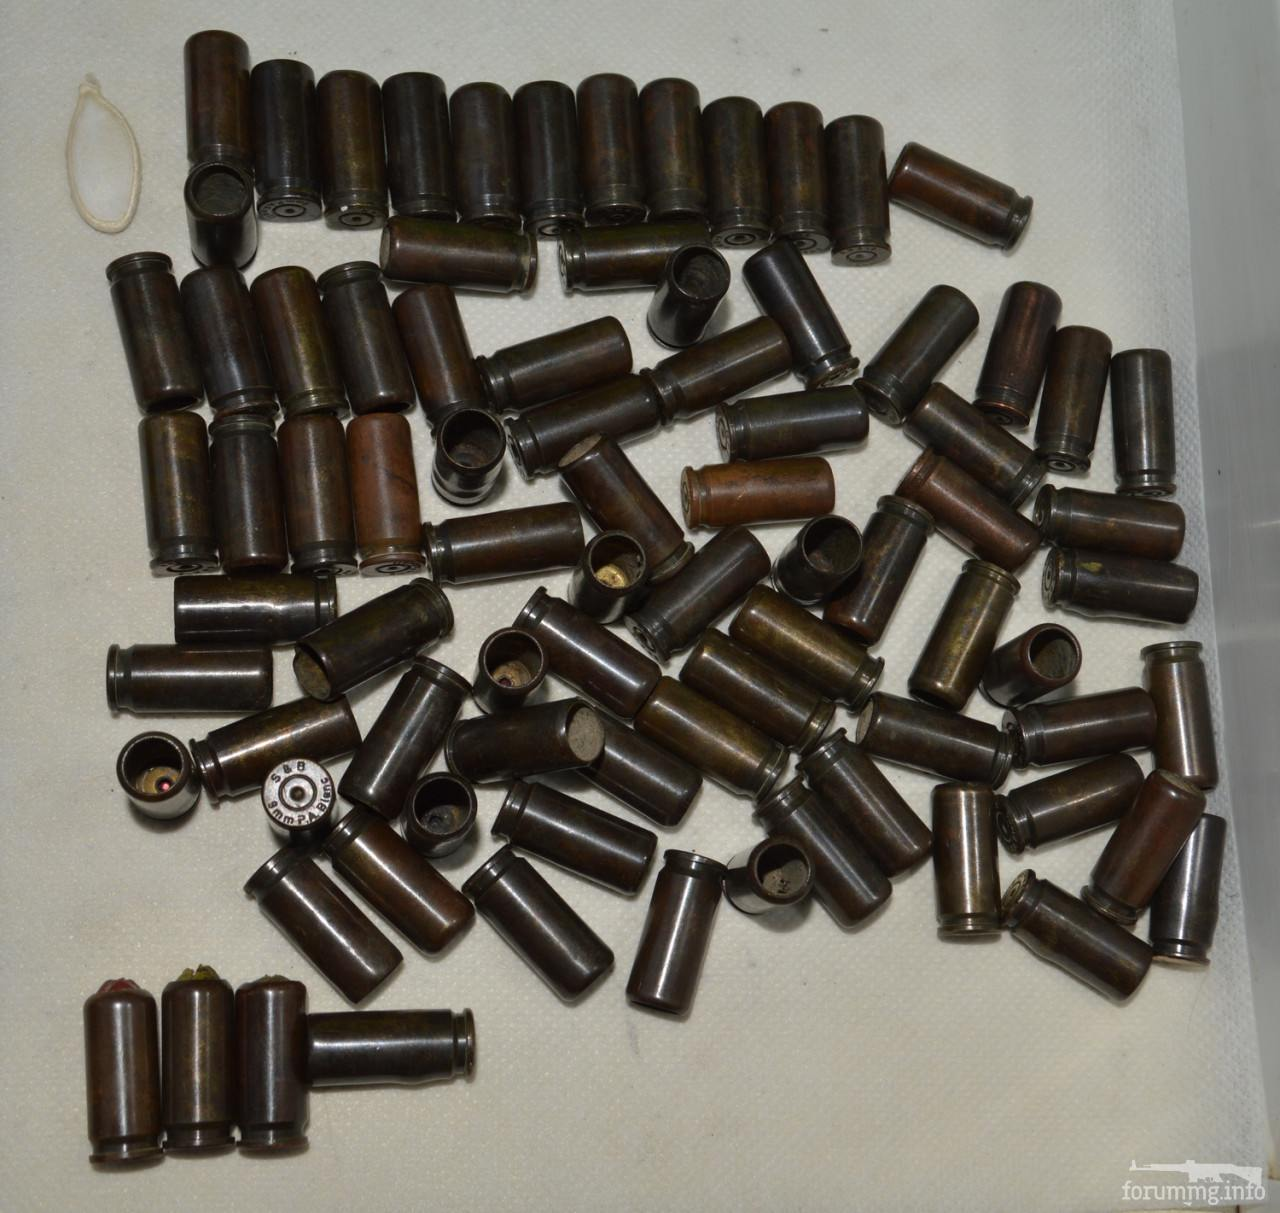 120192 - гильзы однострел латунь от патронов калибра 9mm 9 × 22 газ\травмат...разные